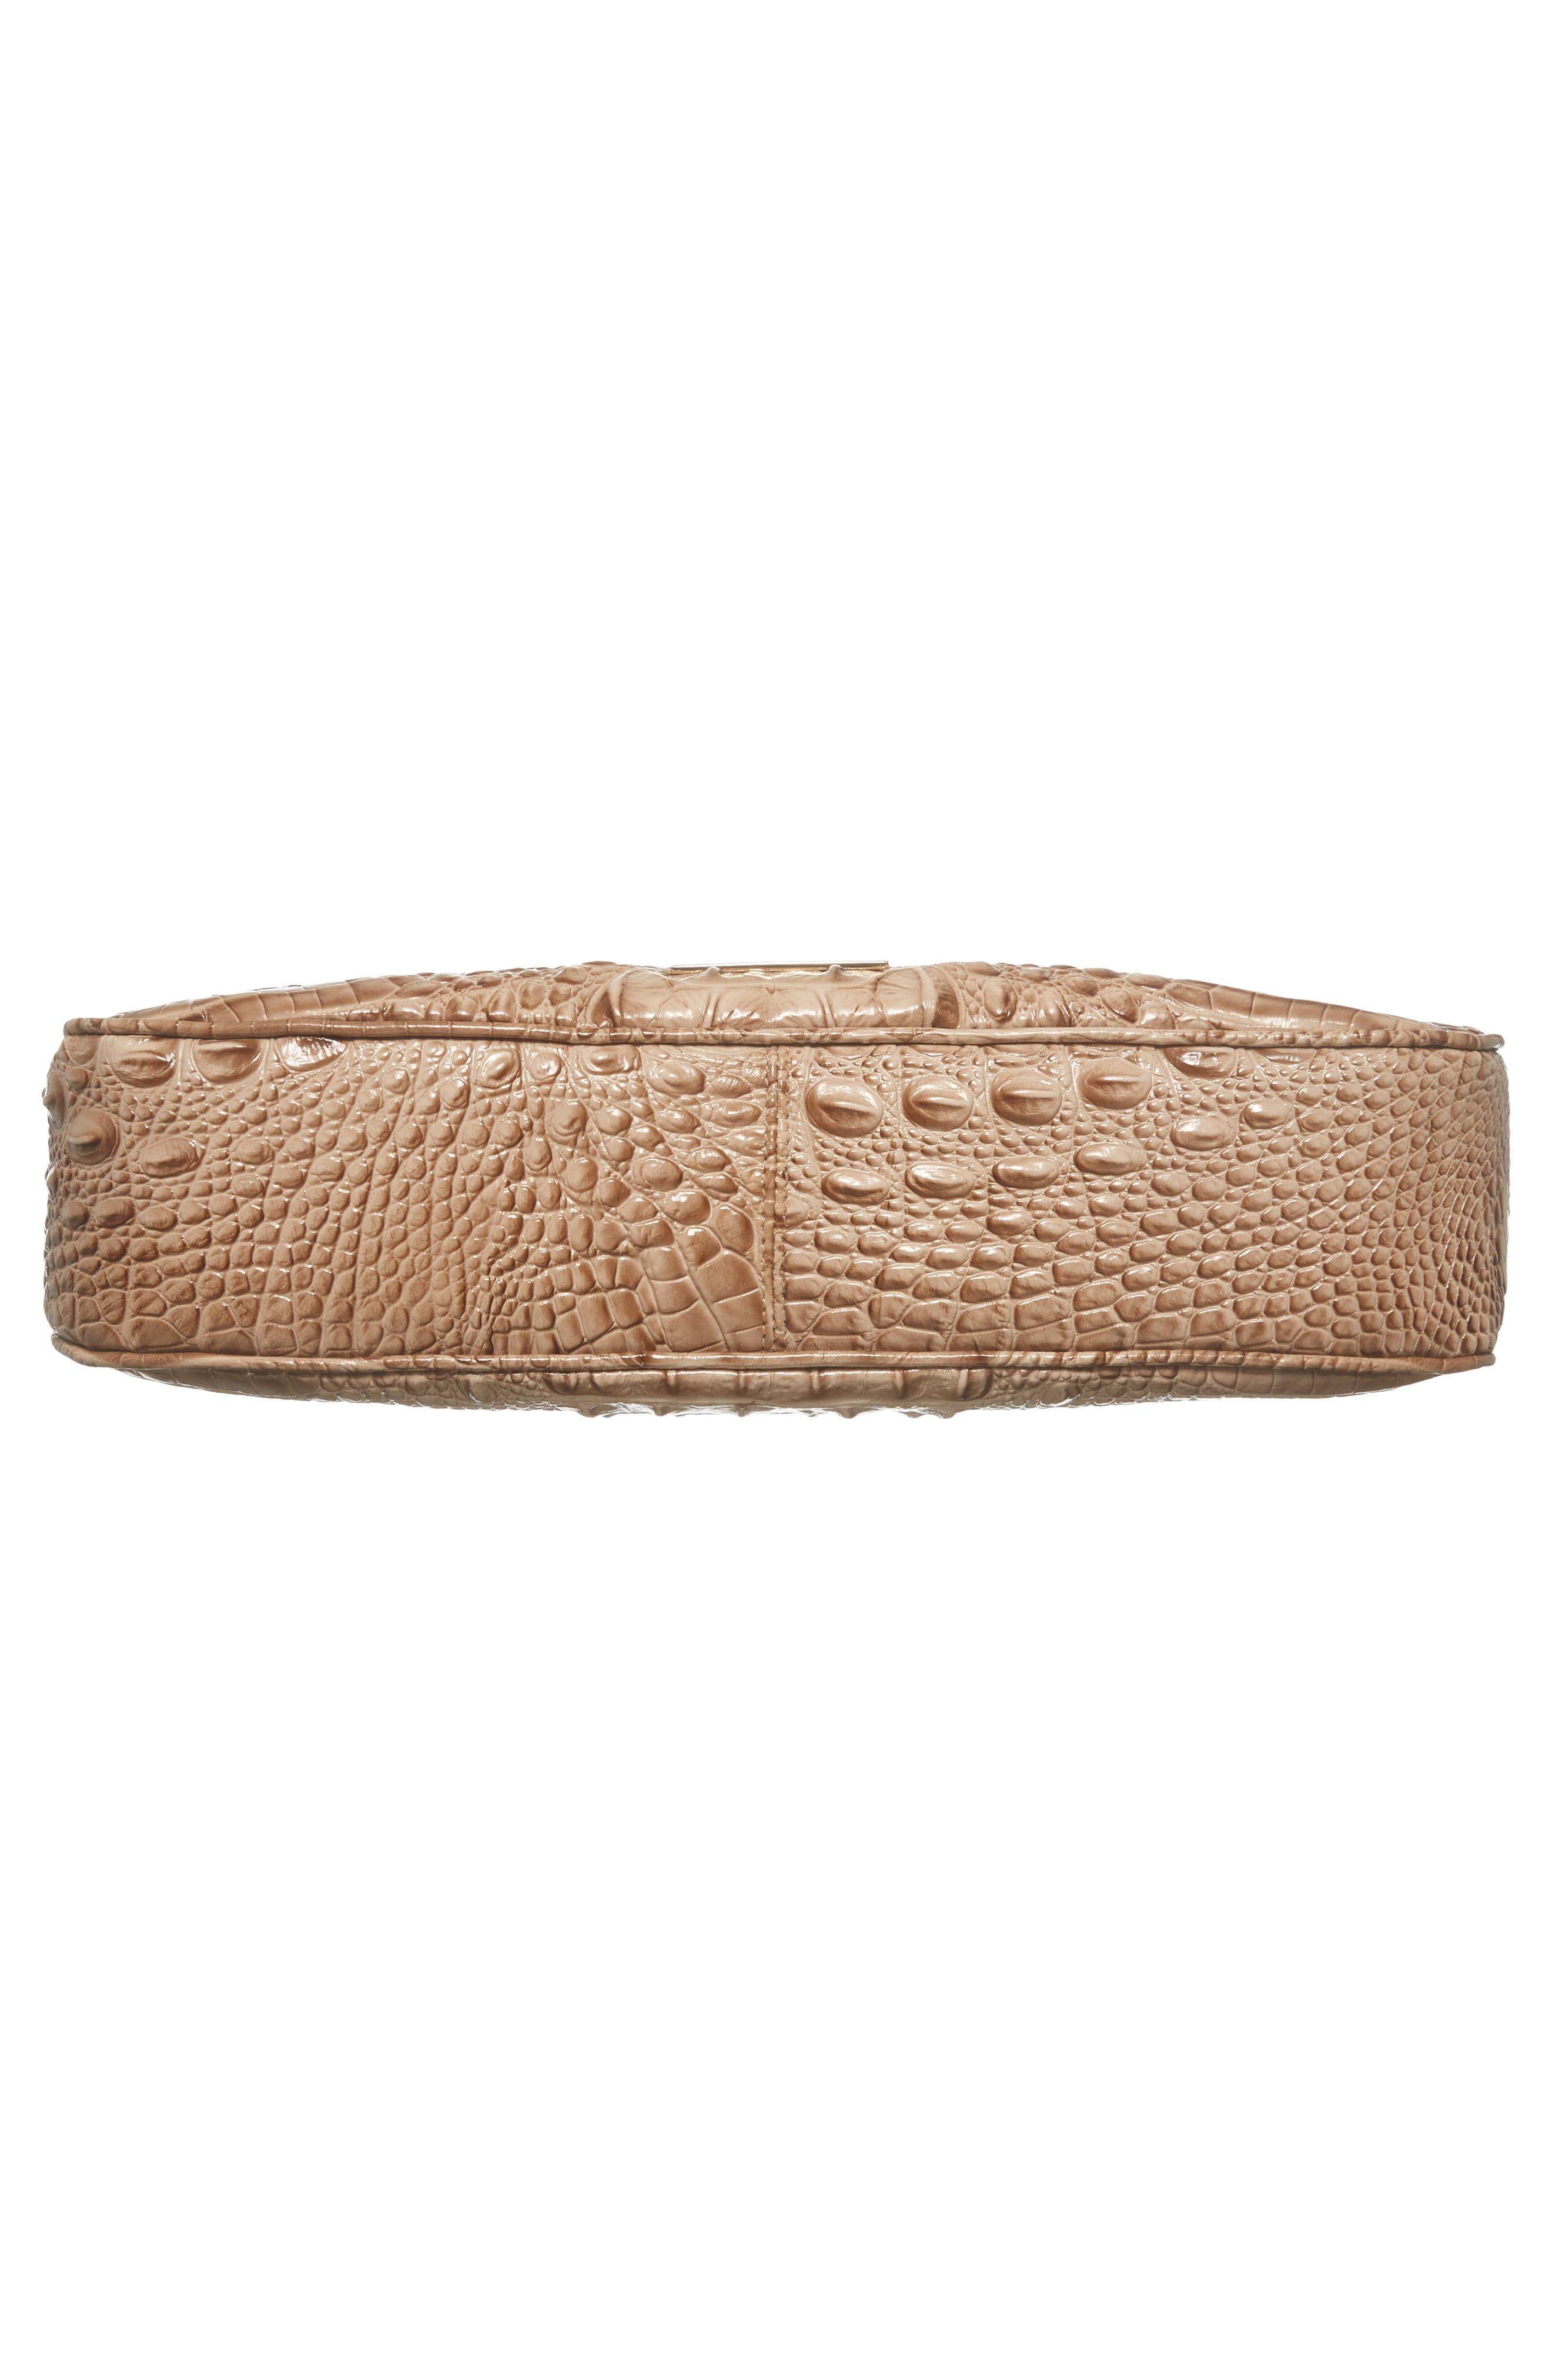 Nadia Croc Embossed Leather Shoulder Bag,                             Alternate thumbnail 6, color,                             Morel